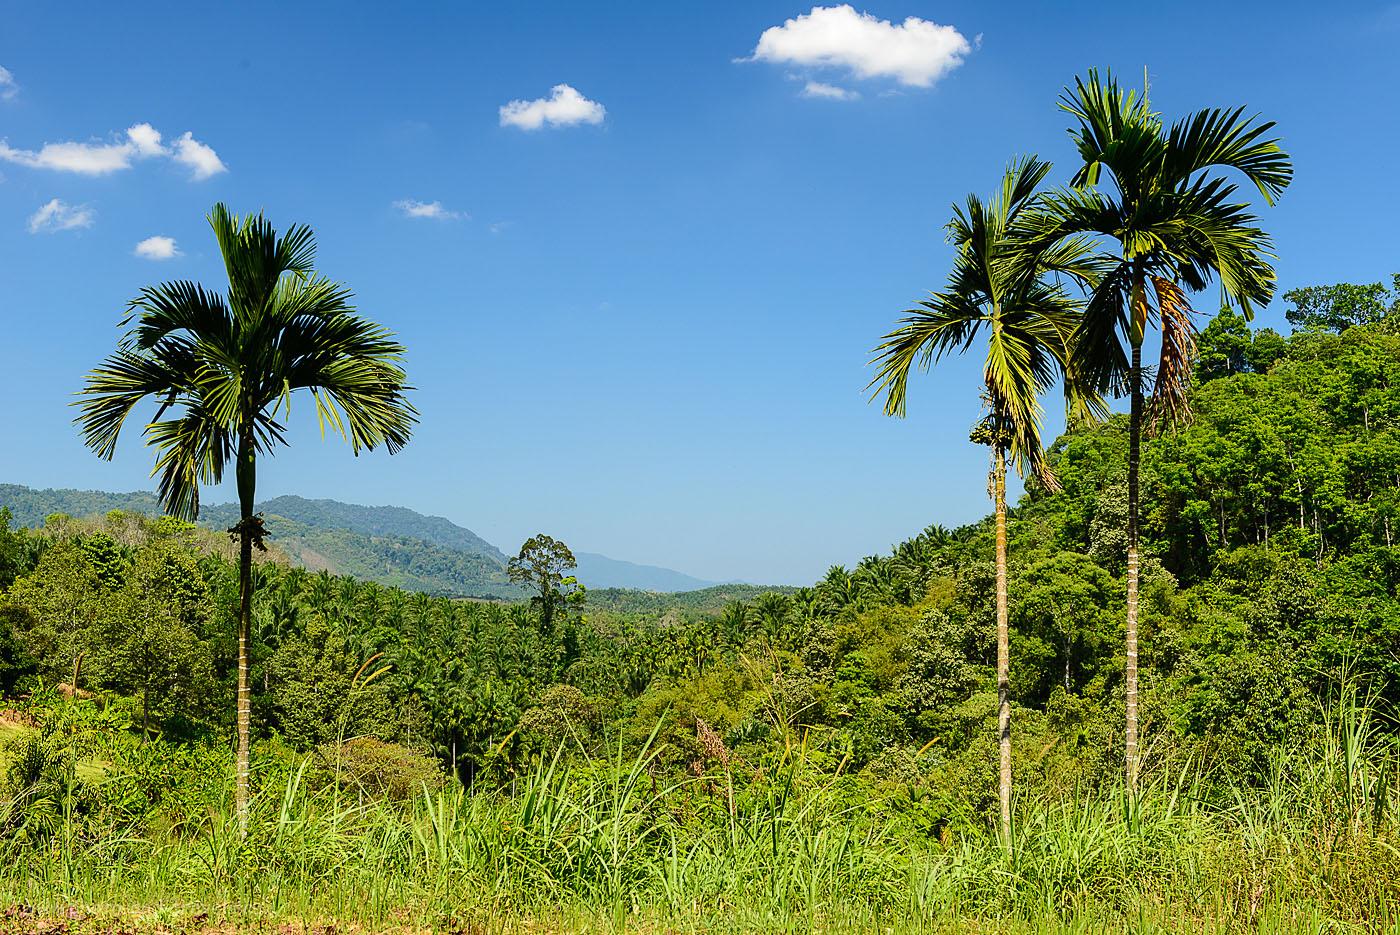 Фото 1. Поездка в Таиланд самостоятельно. Отзывы туристов. Пейзаж в горах по дороге в Ранонг напоминает тот, что мы в видели в Сьерра Мадре де Чьяпас в Мексике(фотоаппарат Nikon D610, объектив Nikkor 24-70/2.8, поляризационный фильтр Hoya HD Circular-PL, настройки съемки: ИСО 200, фокусное расстояние 50 мм, диафрагмаf/9, выдержка 1/160 секунды)